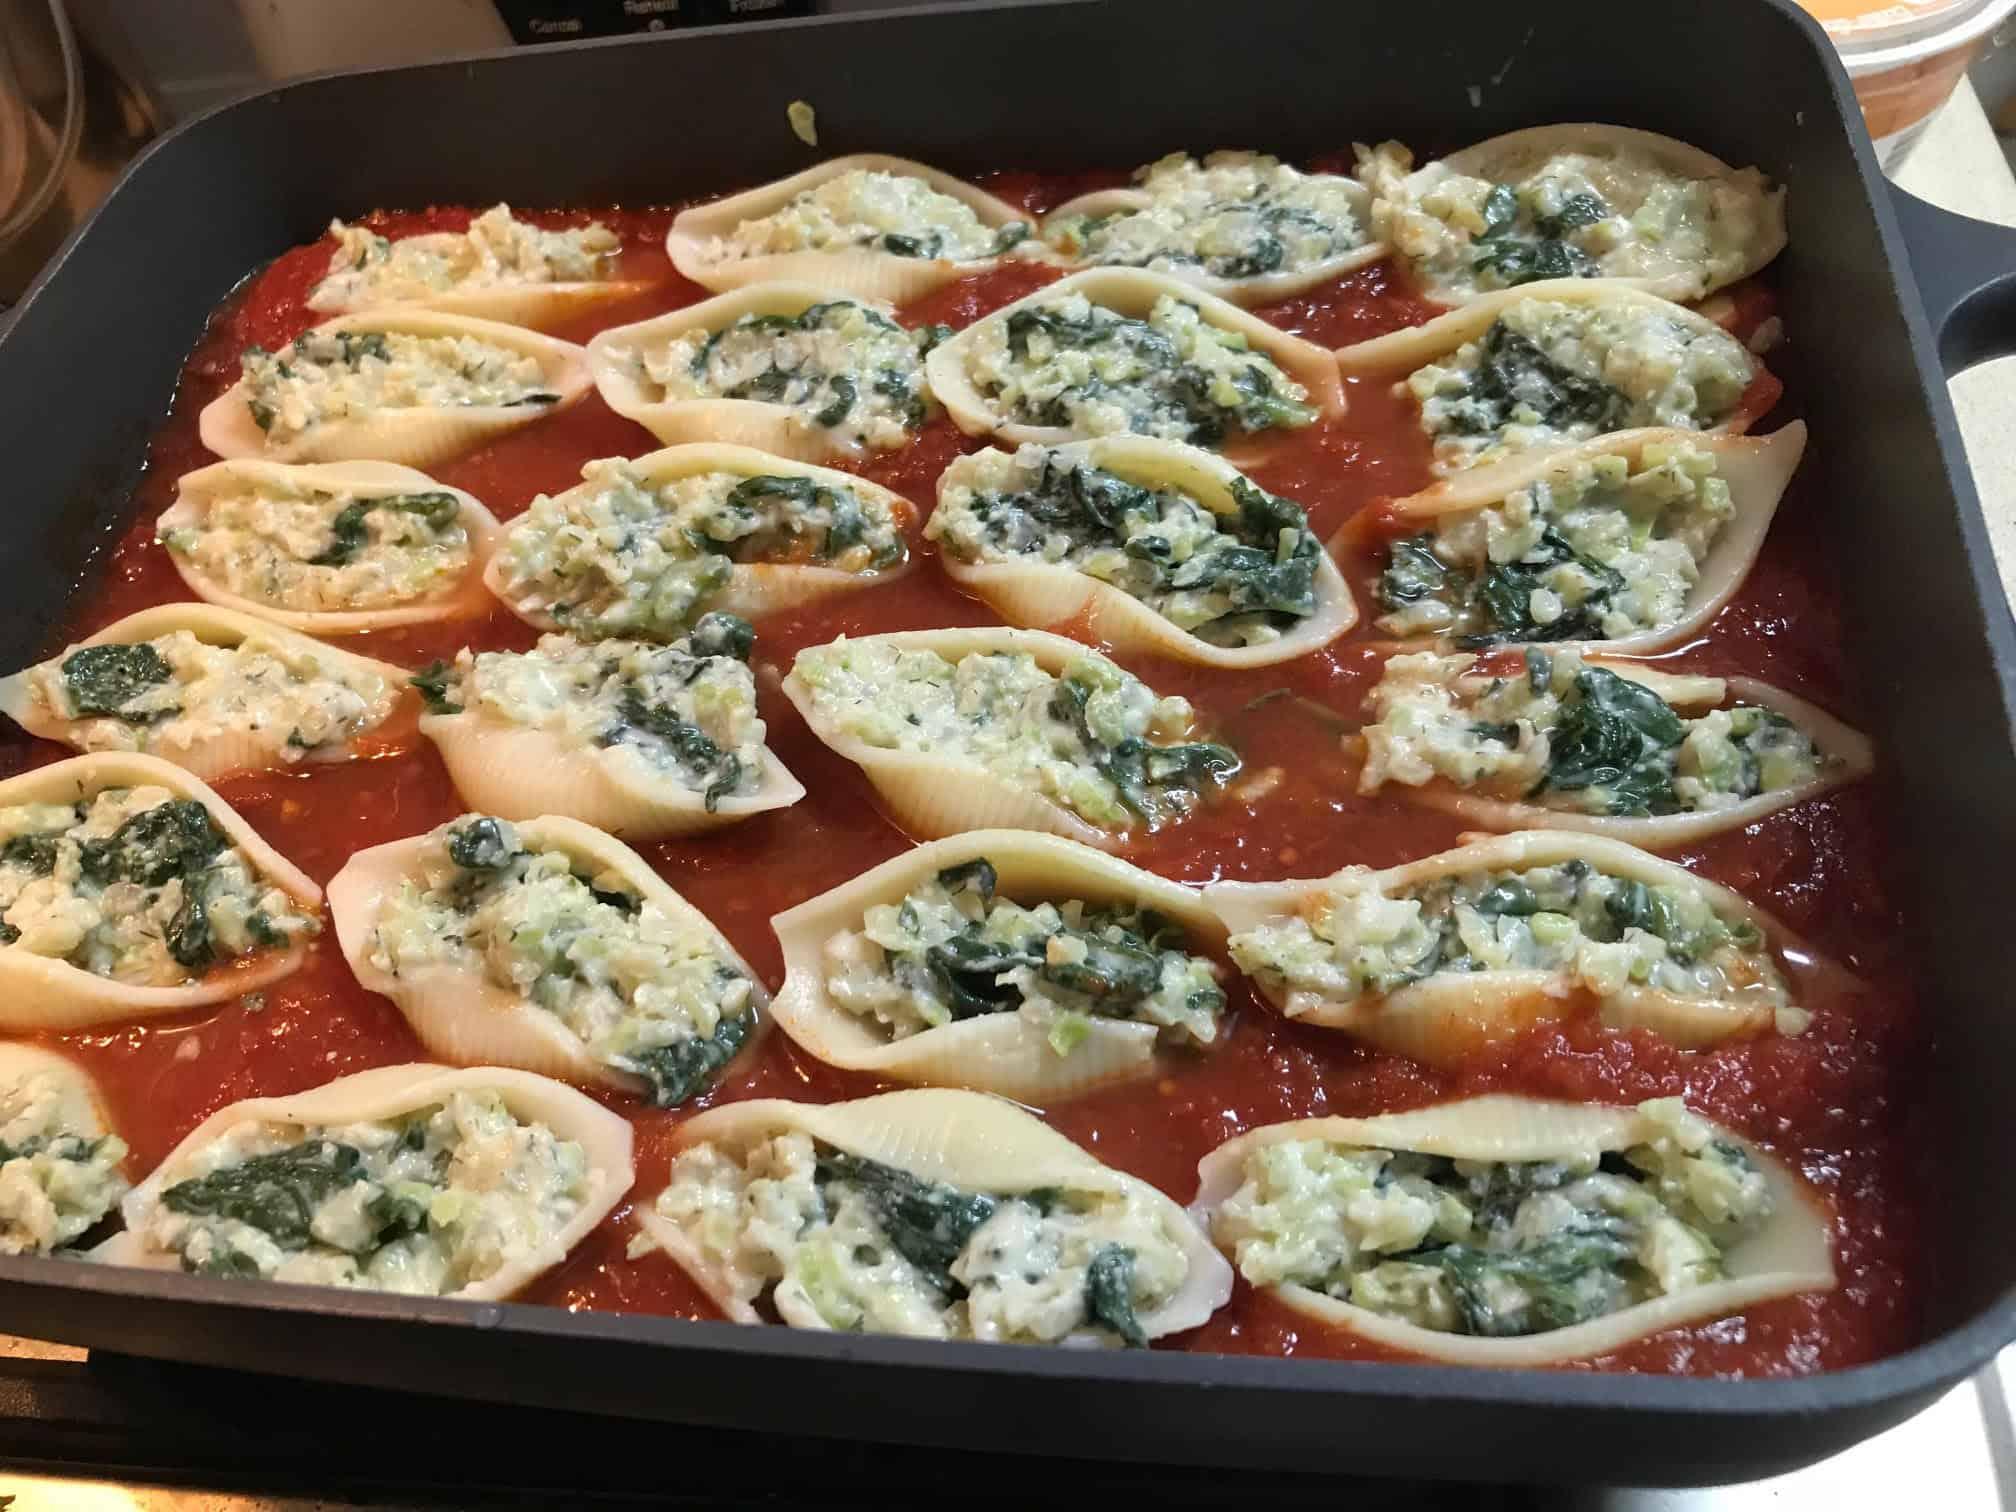 קונכיות פסטה ממולאות ברוקולי ושקדים - לפני ההכנסה לתנור